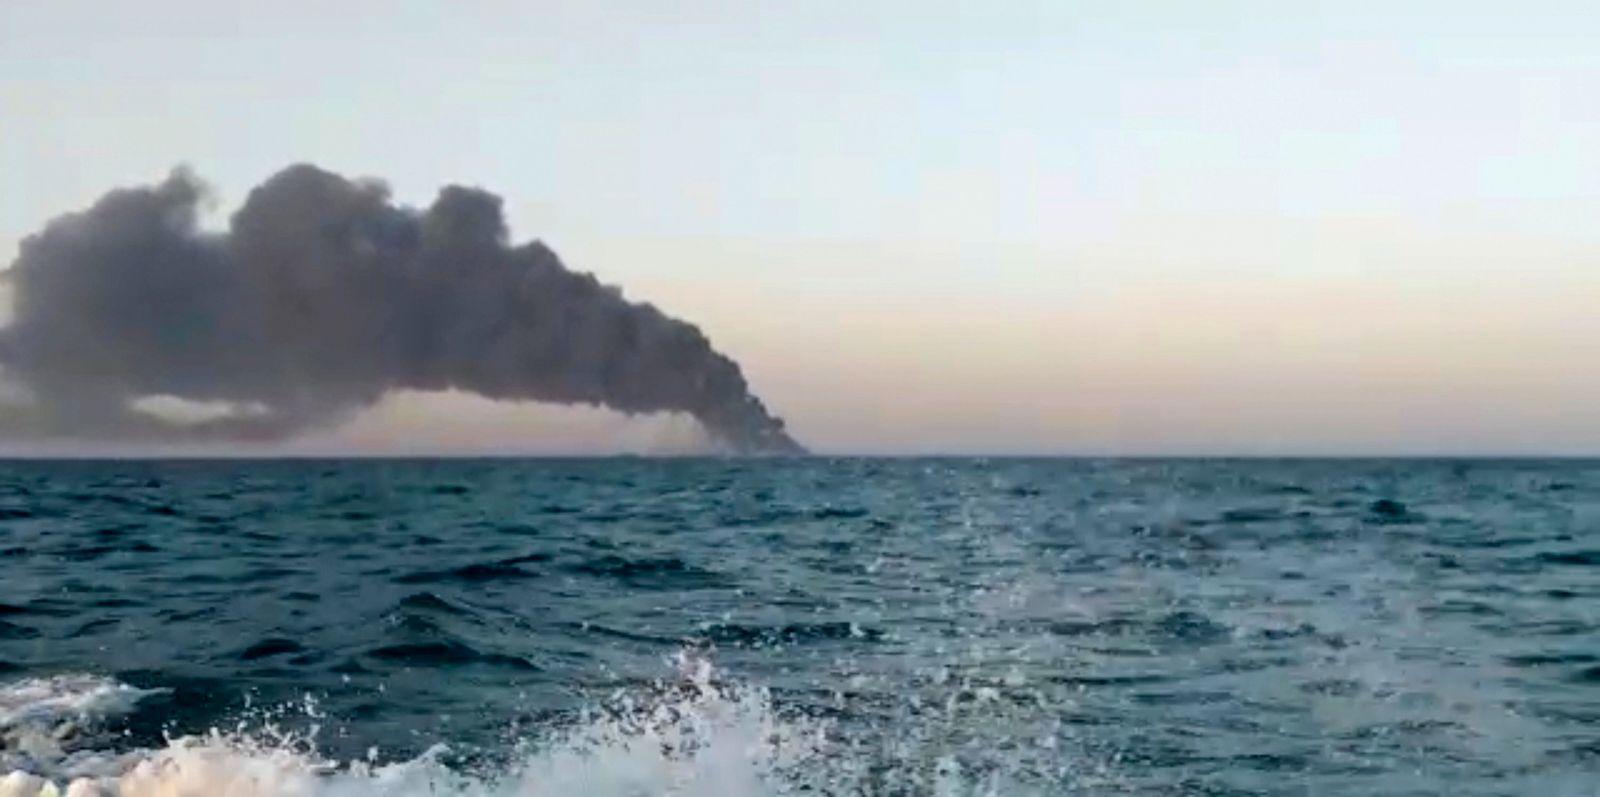 Iran: Großes Marine-Schiff nach Brand im Golf gesunken